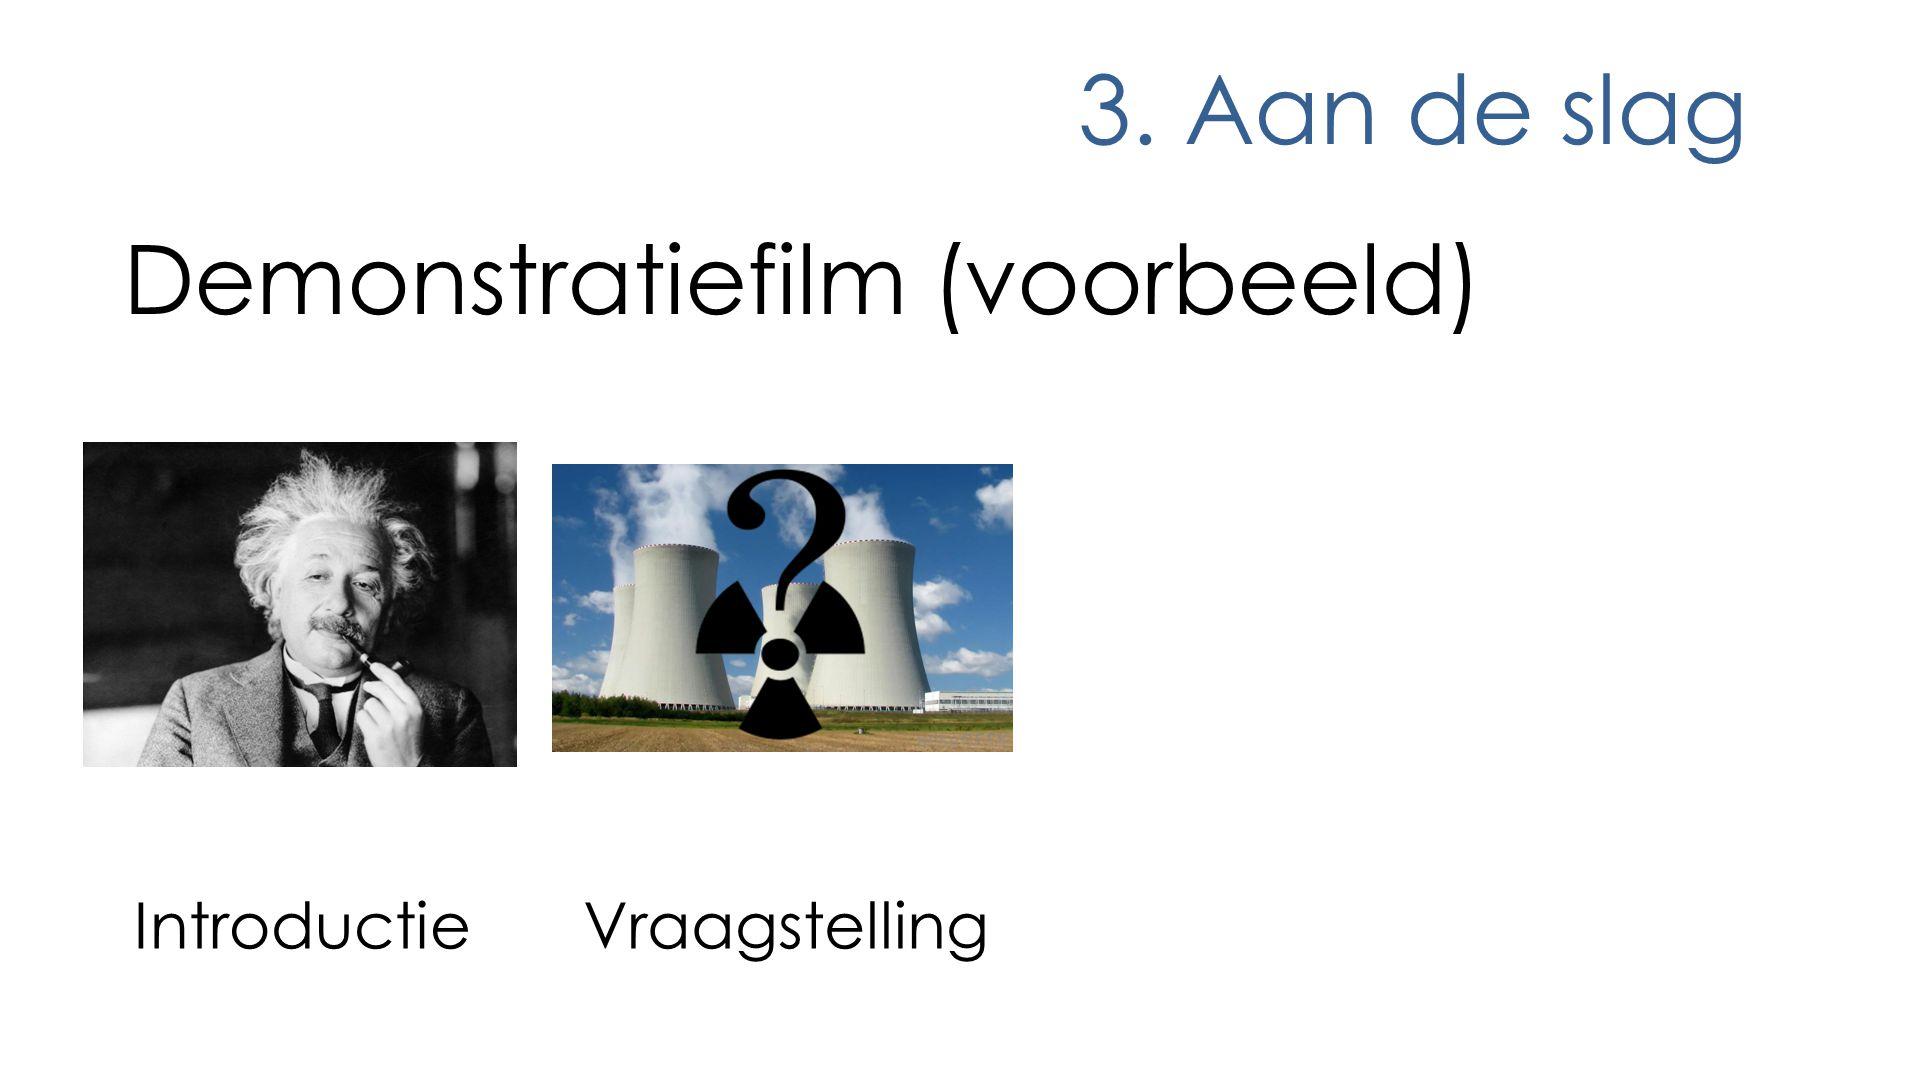 Demonstratiefilm (voorbeeld)